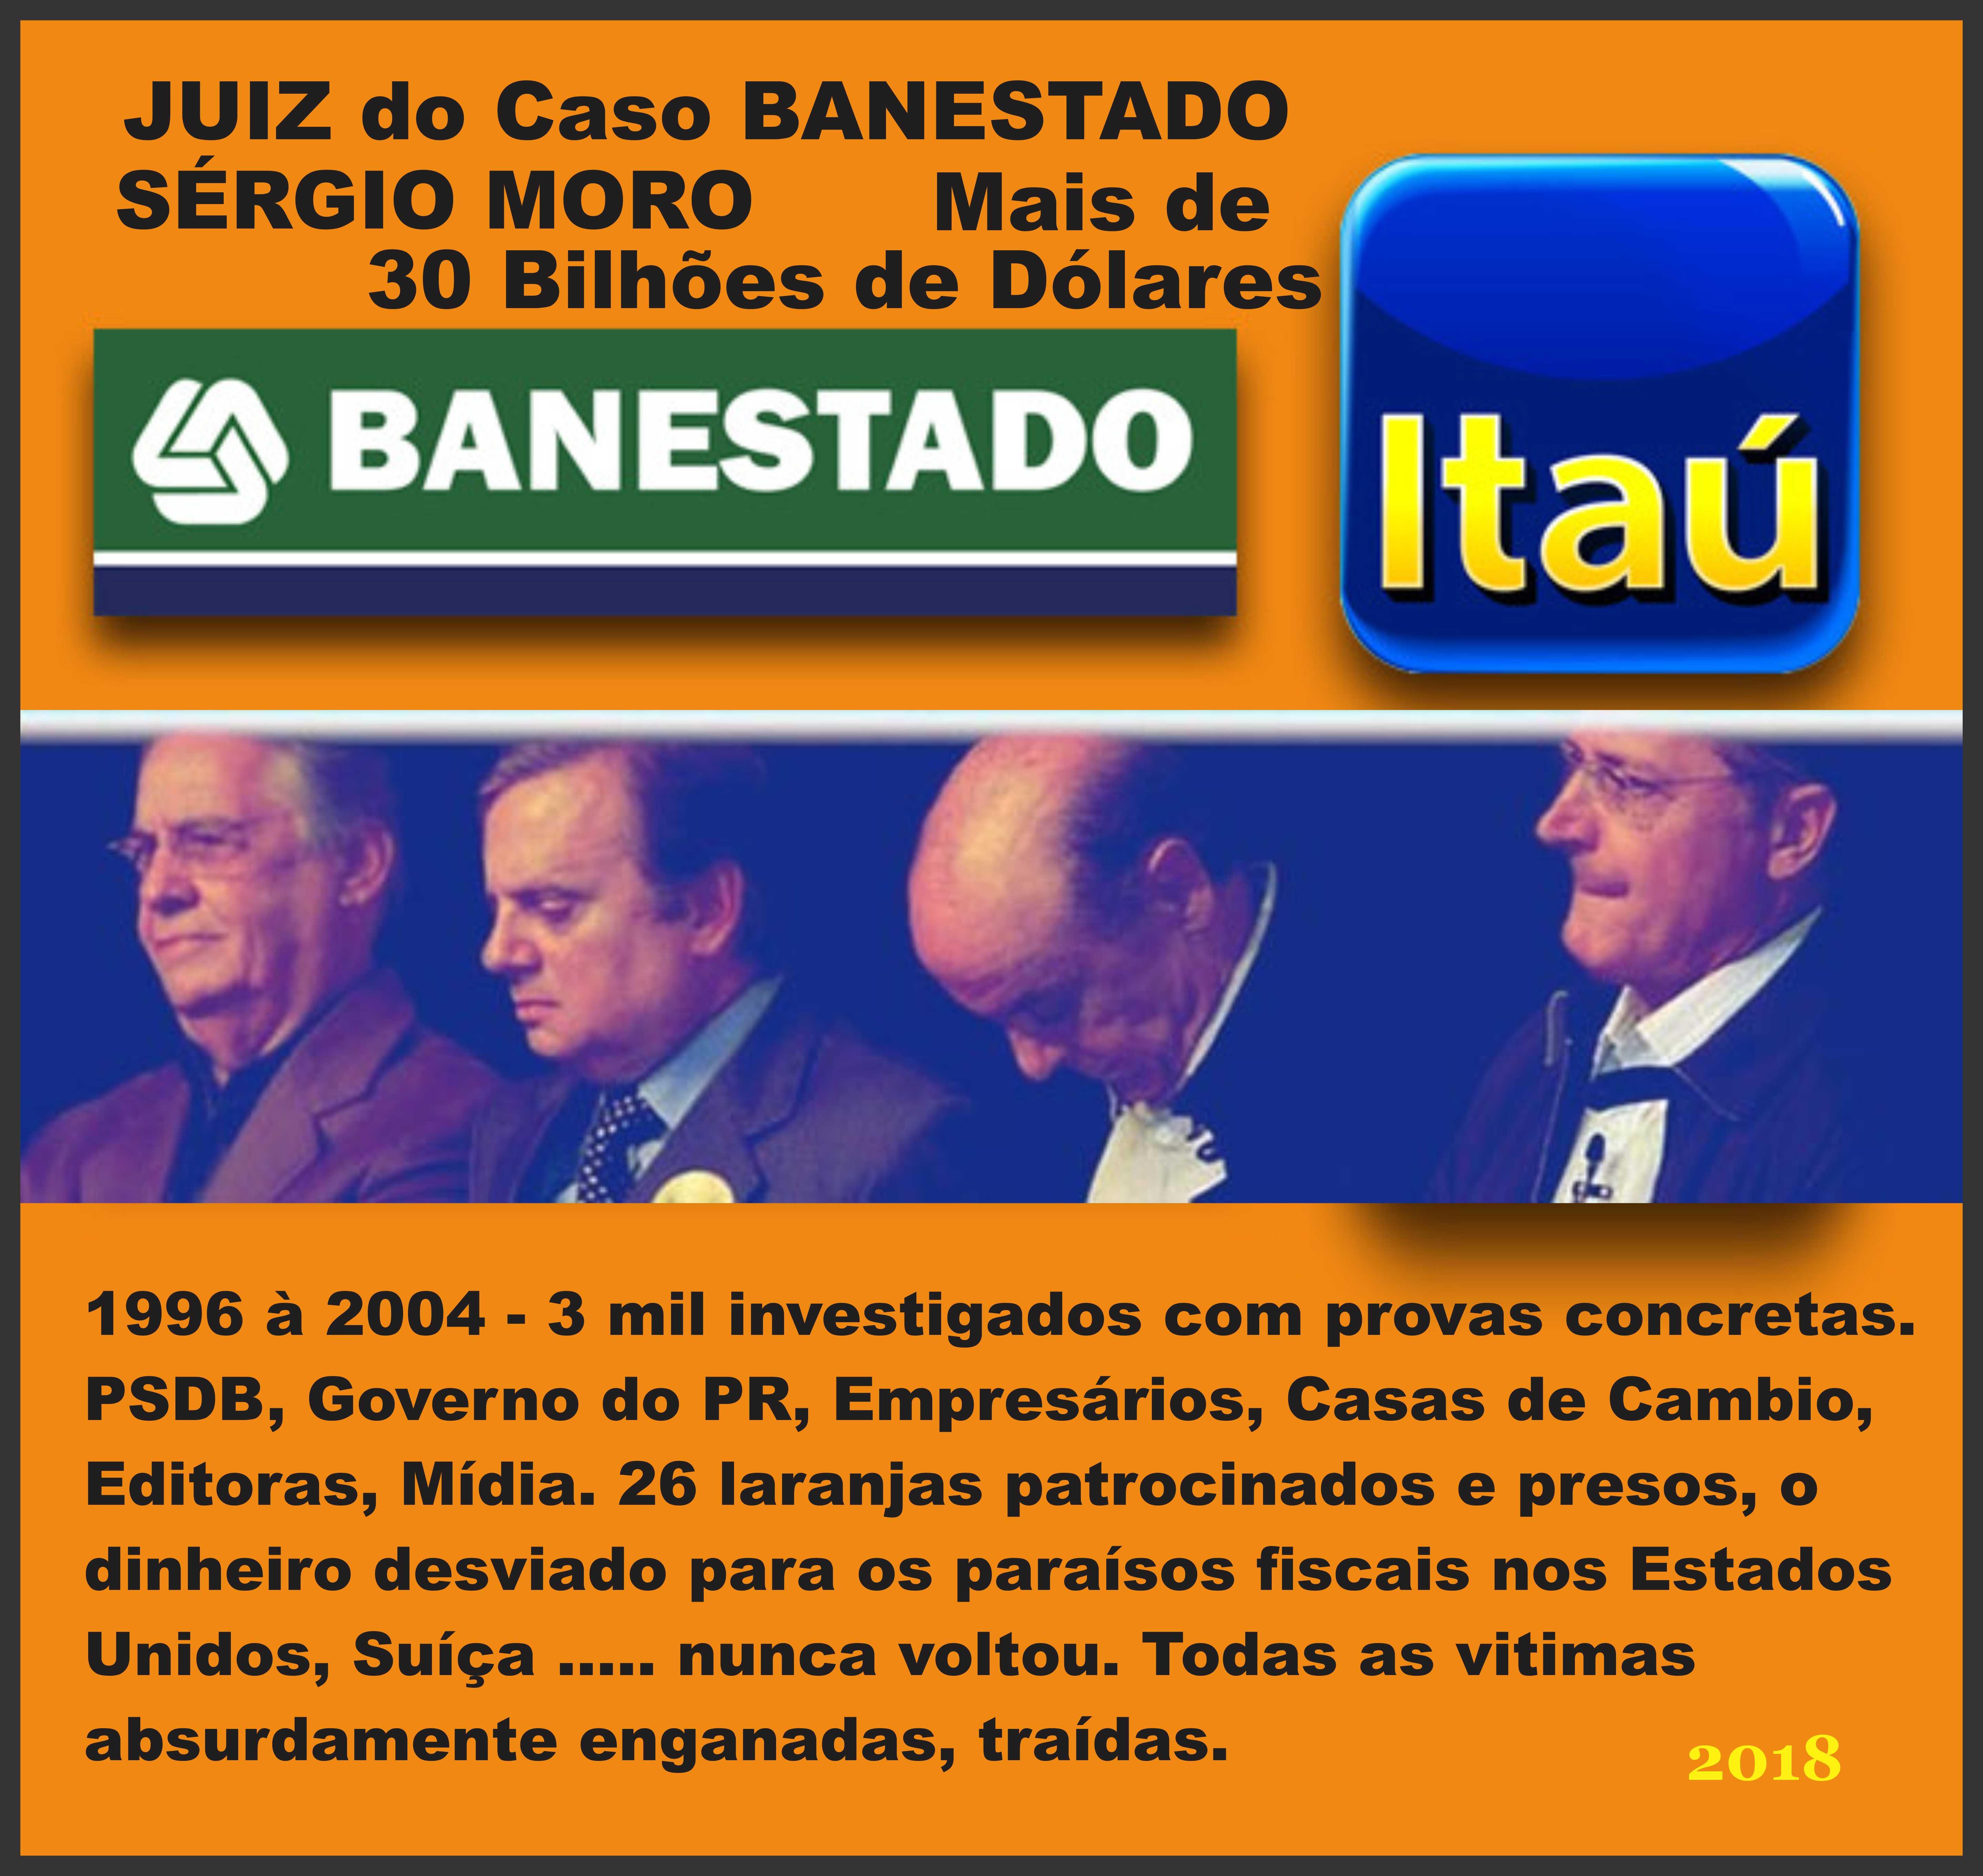 BANESTADO BRASIL